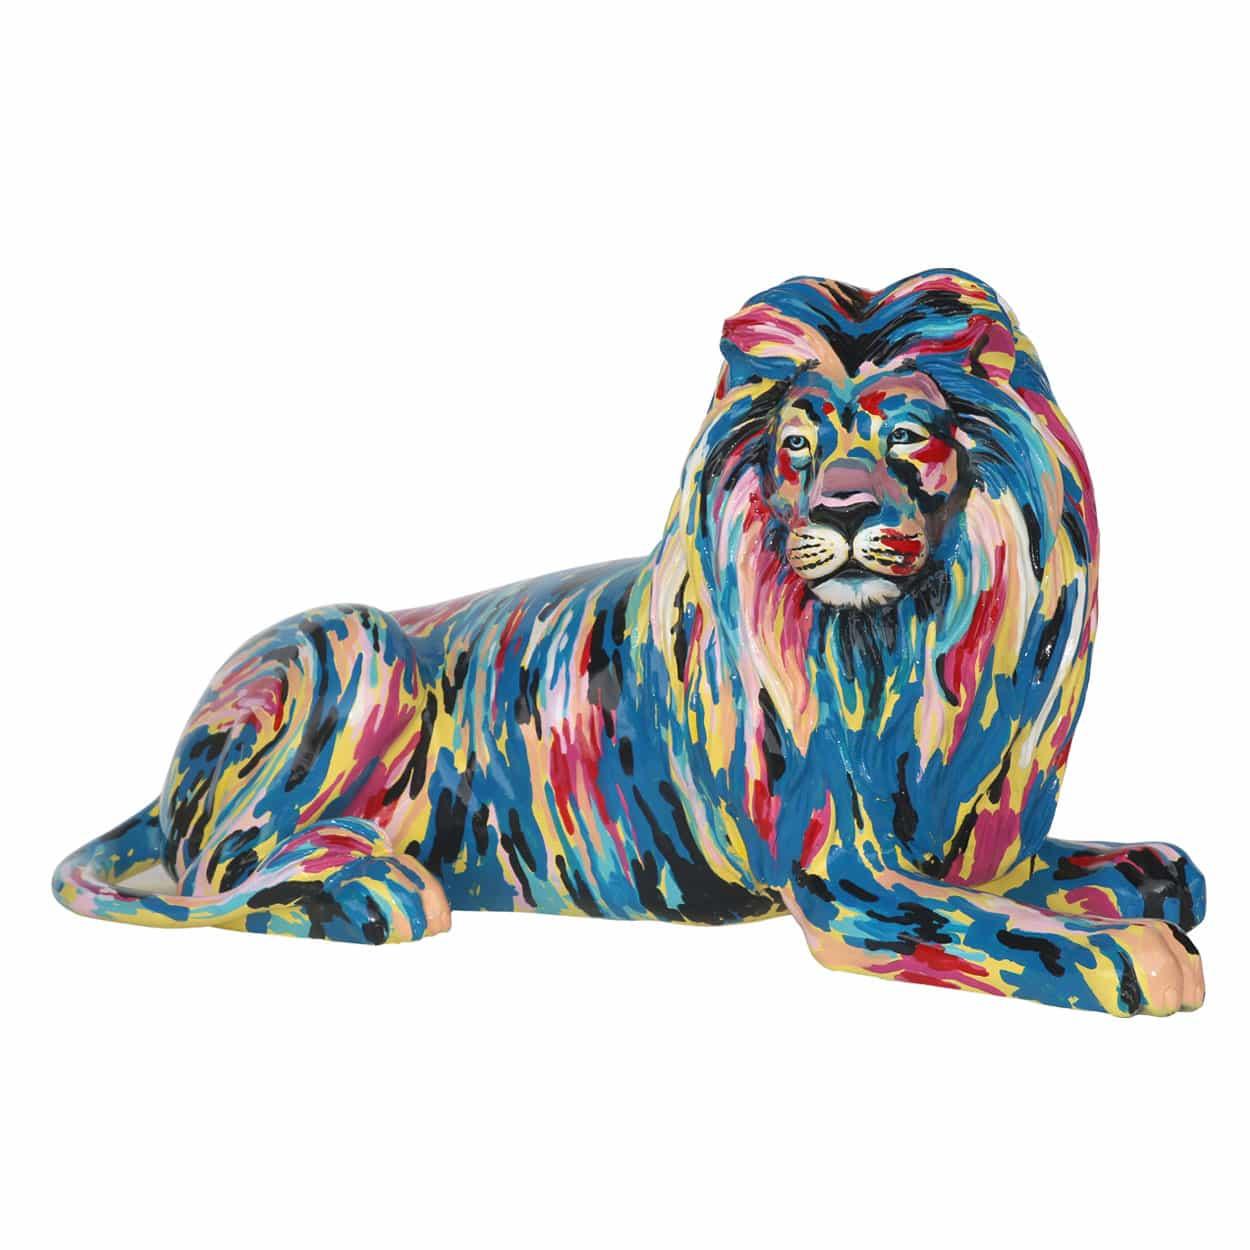 פסל של אריה בפופ ארט